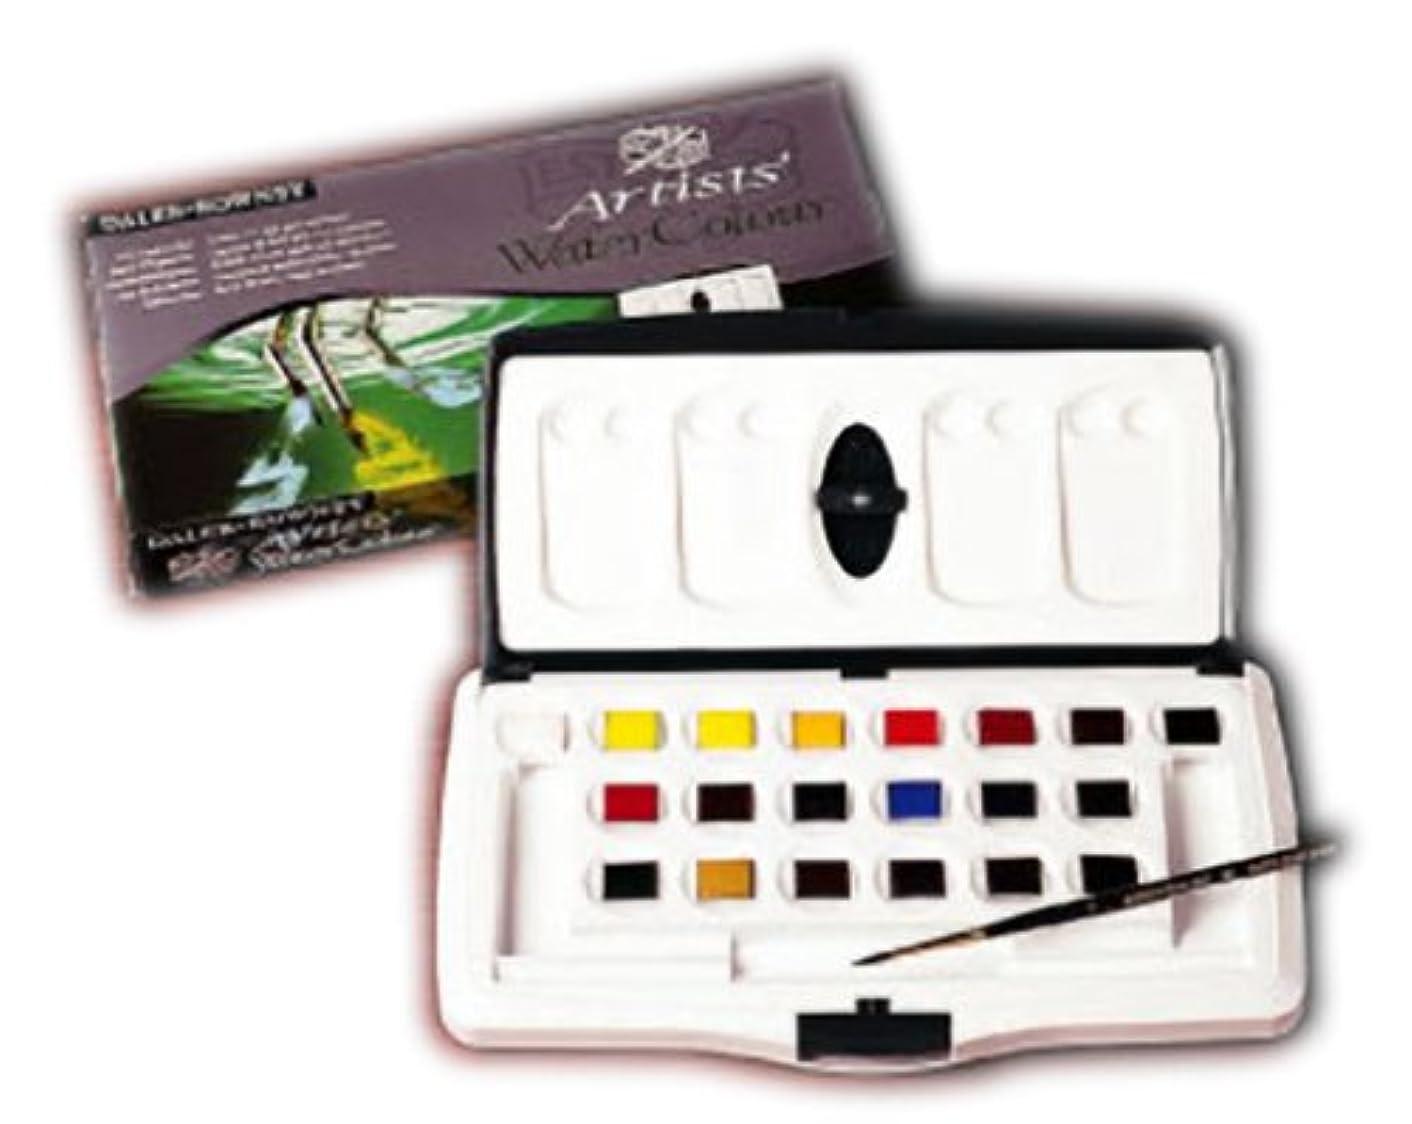 蚊辞書リレーラウニー 水彩絵具 専門家用 固形水彩絵具セット ハーフパン スライダー 20色セット  A-026 ハーフパン